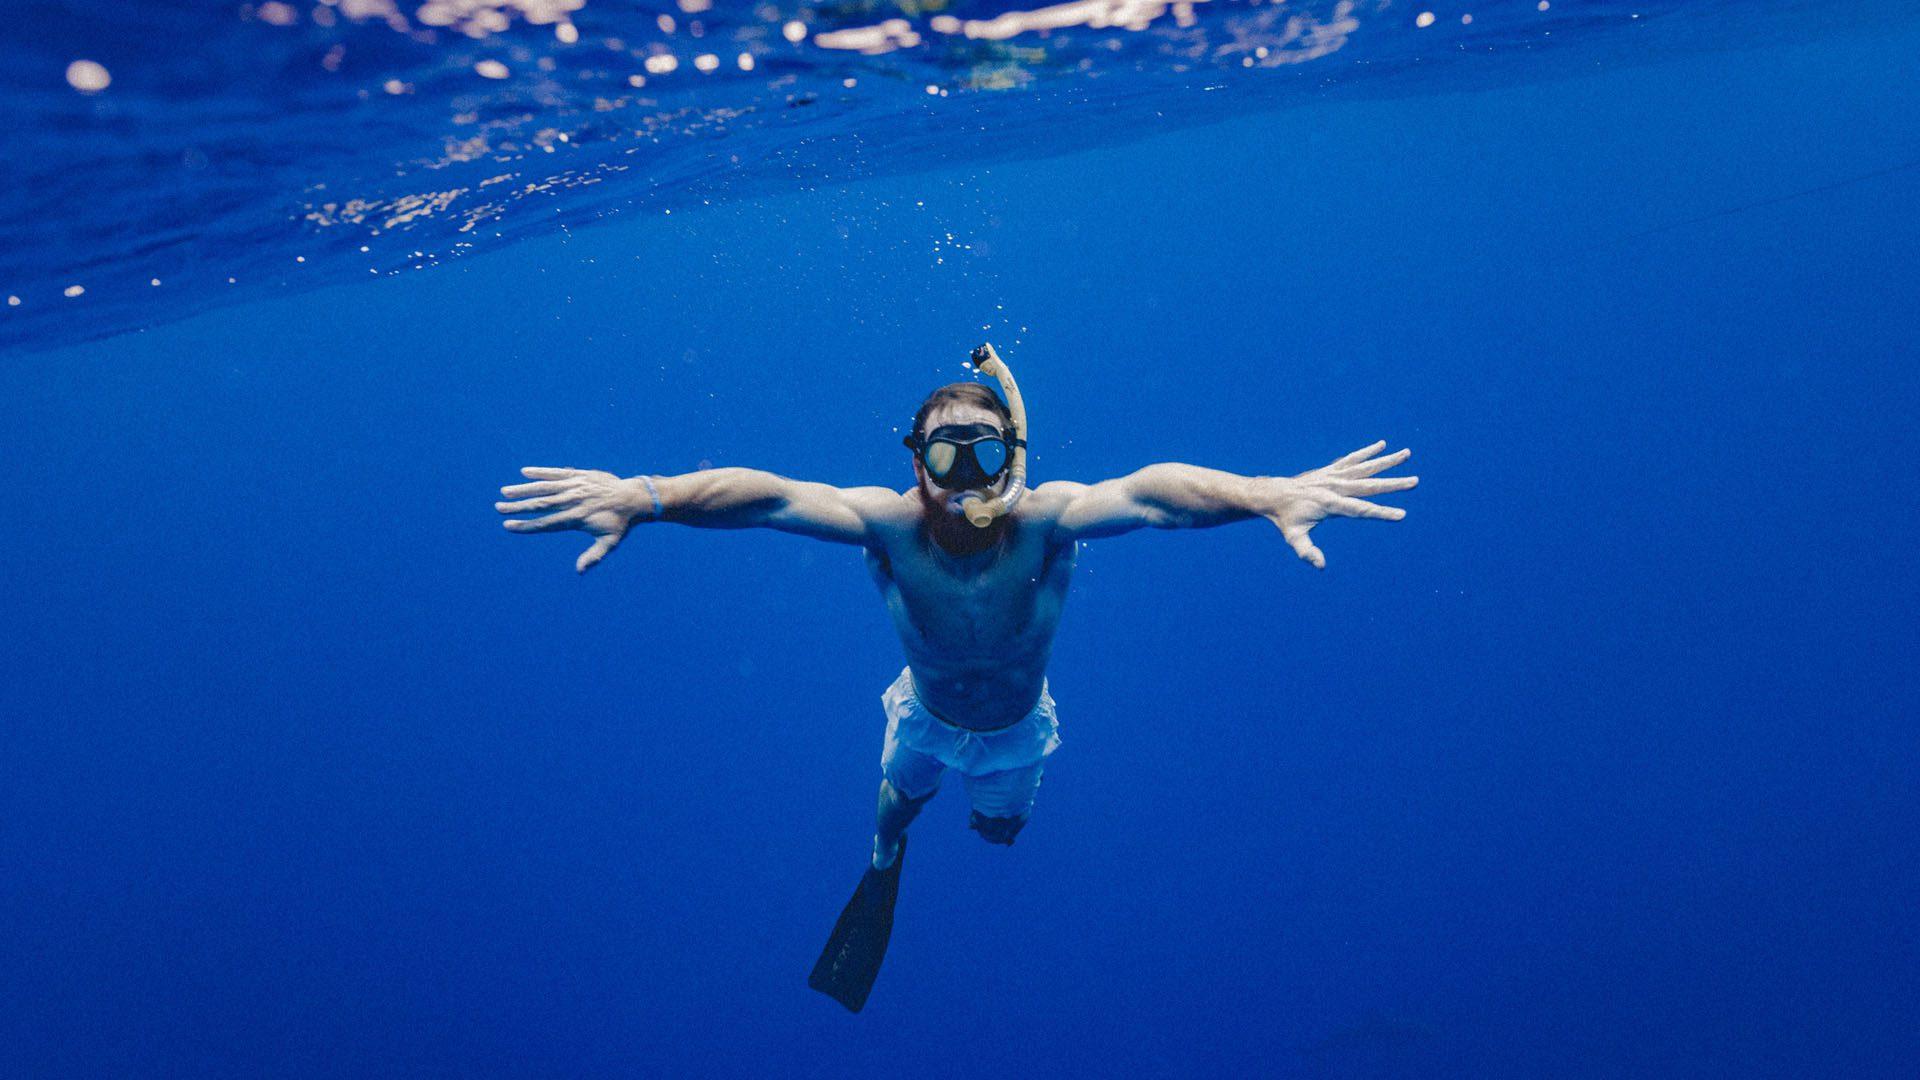 snorkel in the ocean